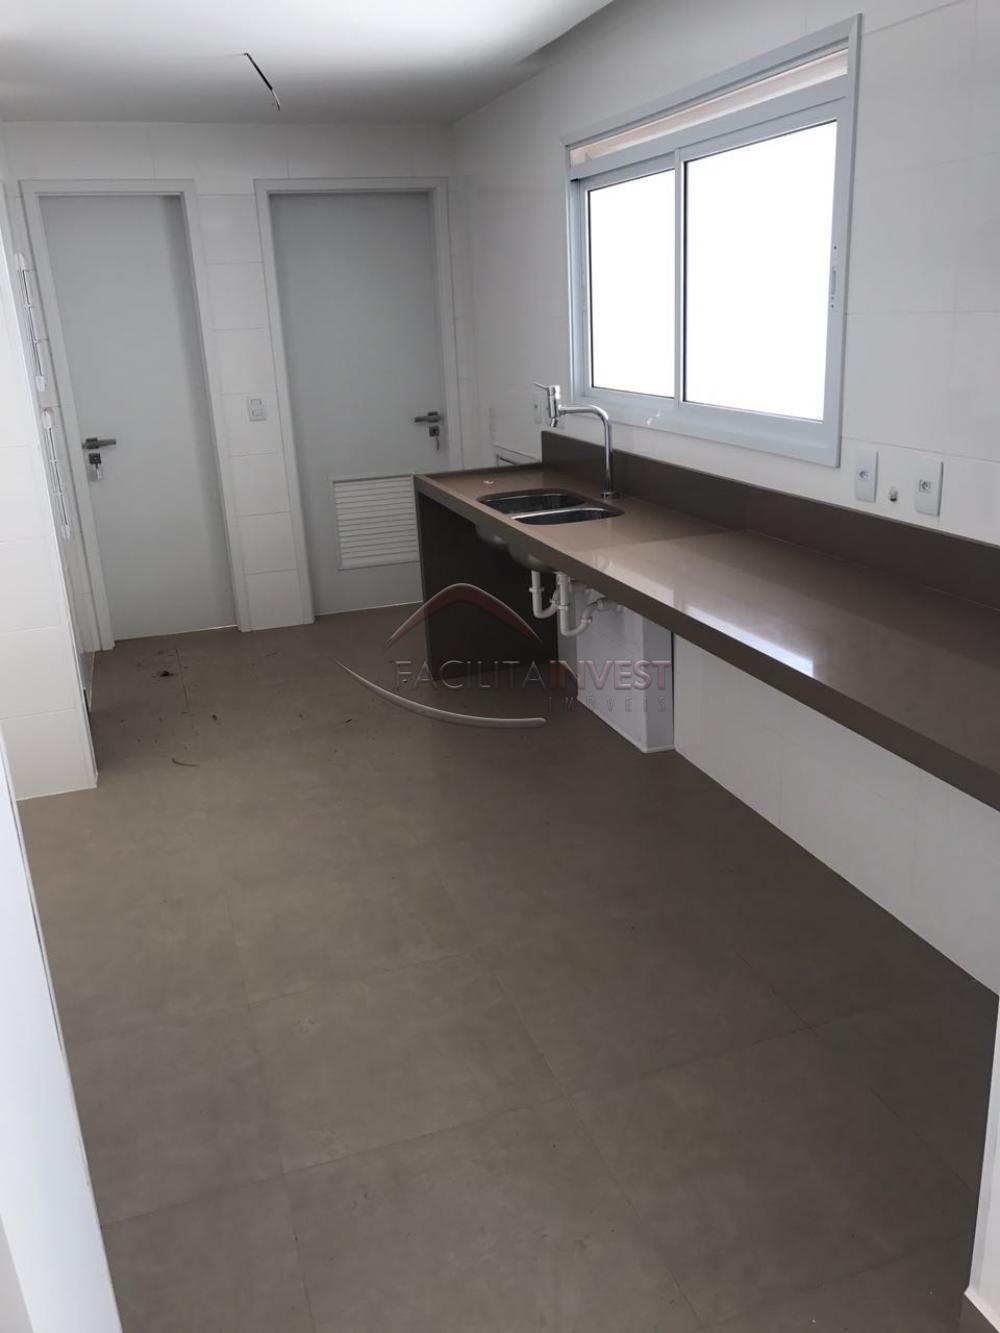 Comprar Apartamentos / Cobertura em Ribeirão Preto apenas R$ 2.500.000,00 - Foto 20